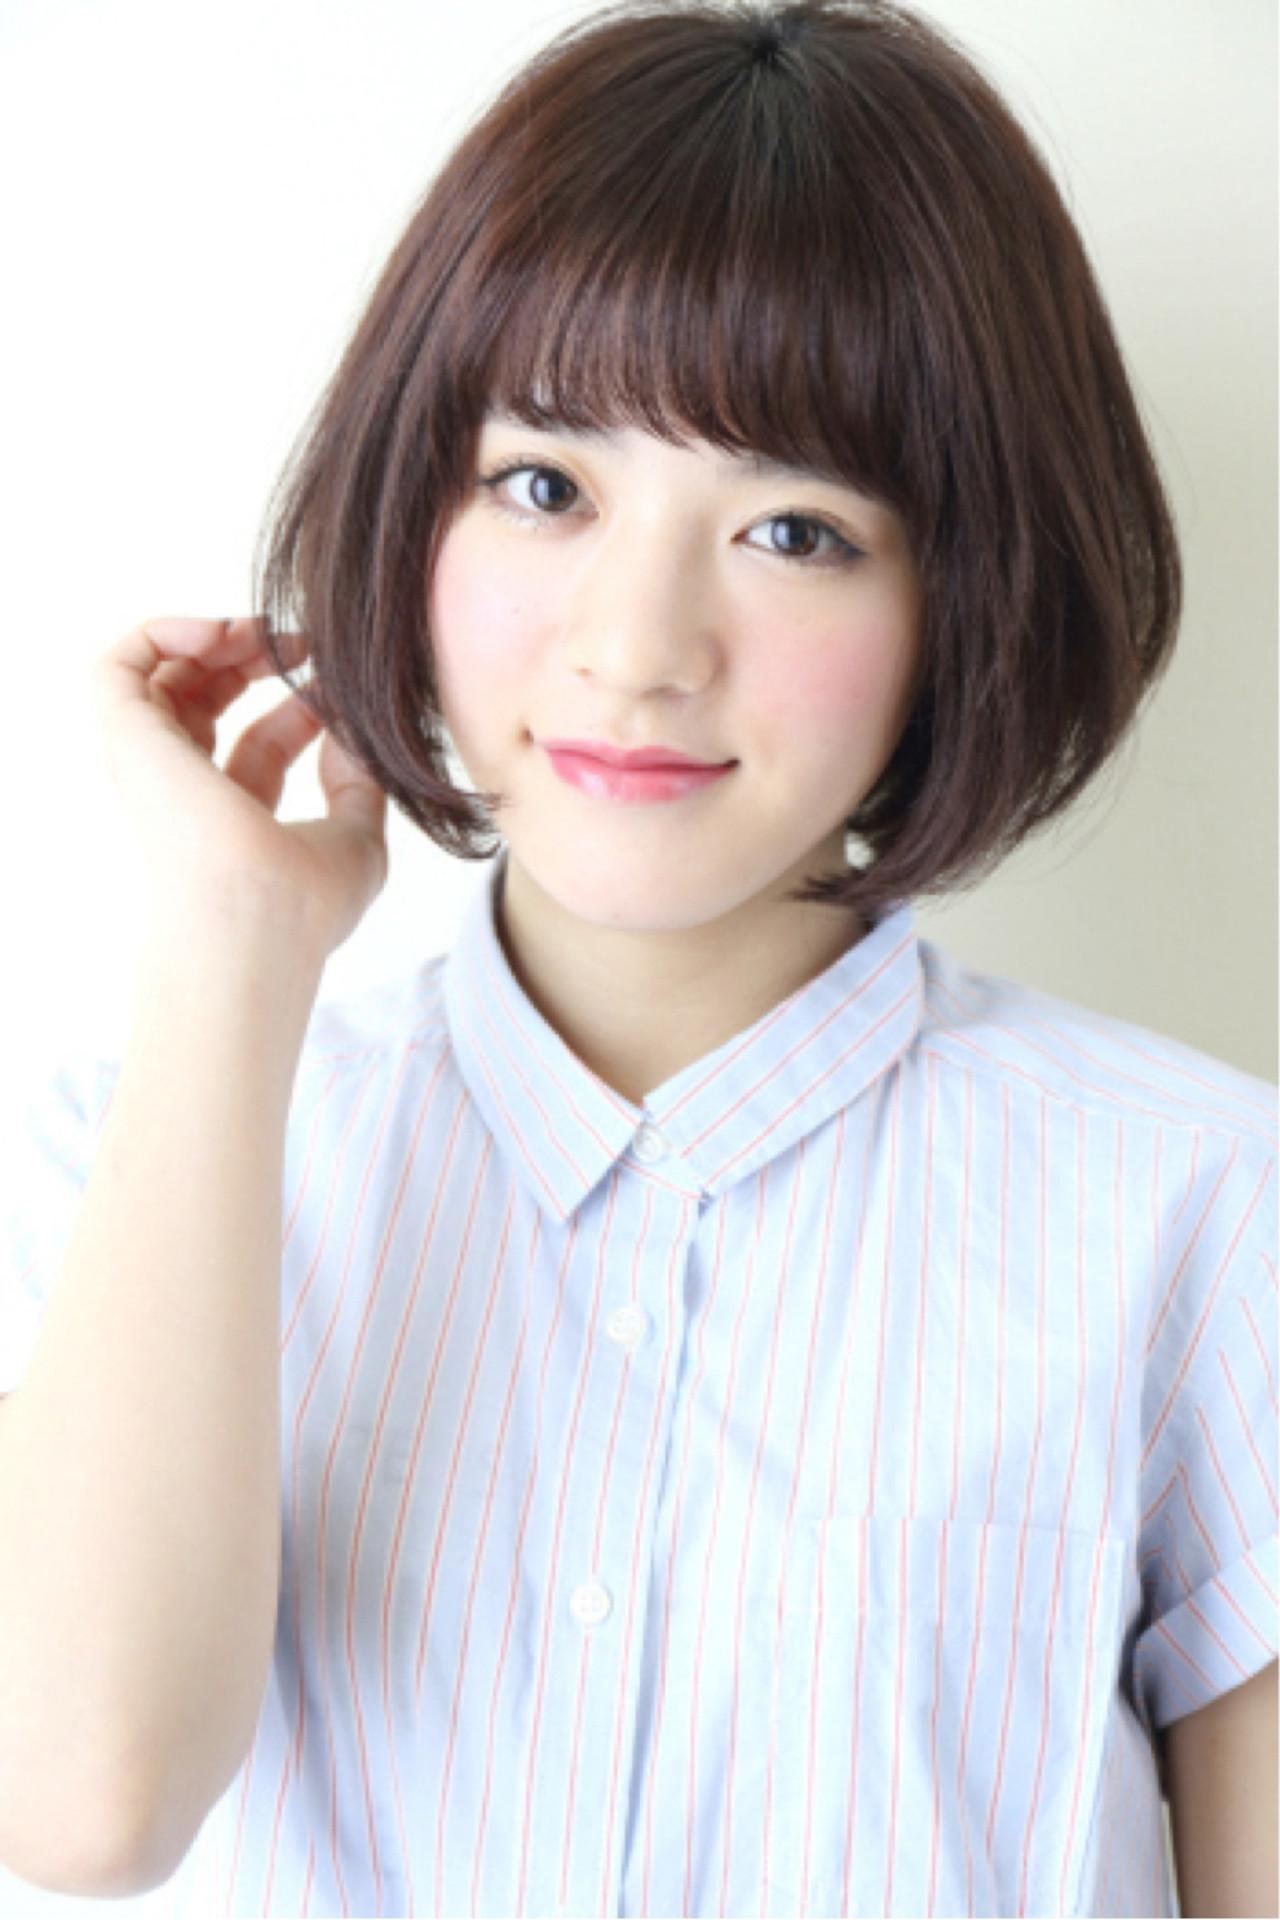 【ショートヘア画像集】こんな髪型にしたい♡真似したくなるヘアスタイル 羽田 ひろむ